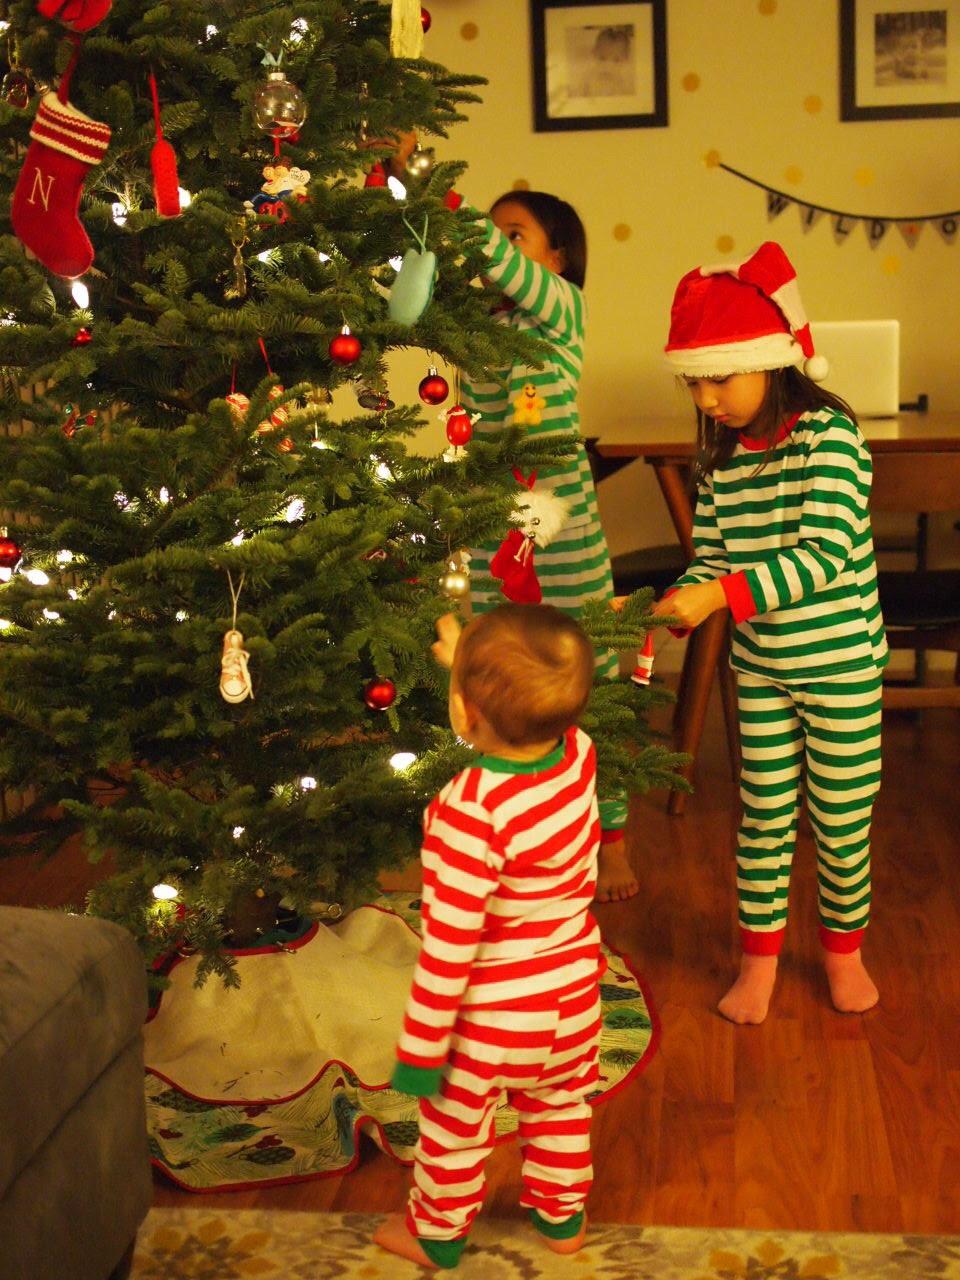 プレゼント 置く クリスマス どこに